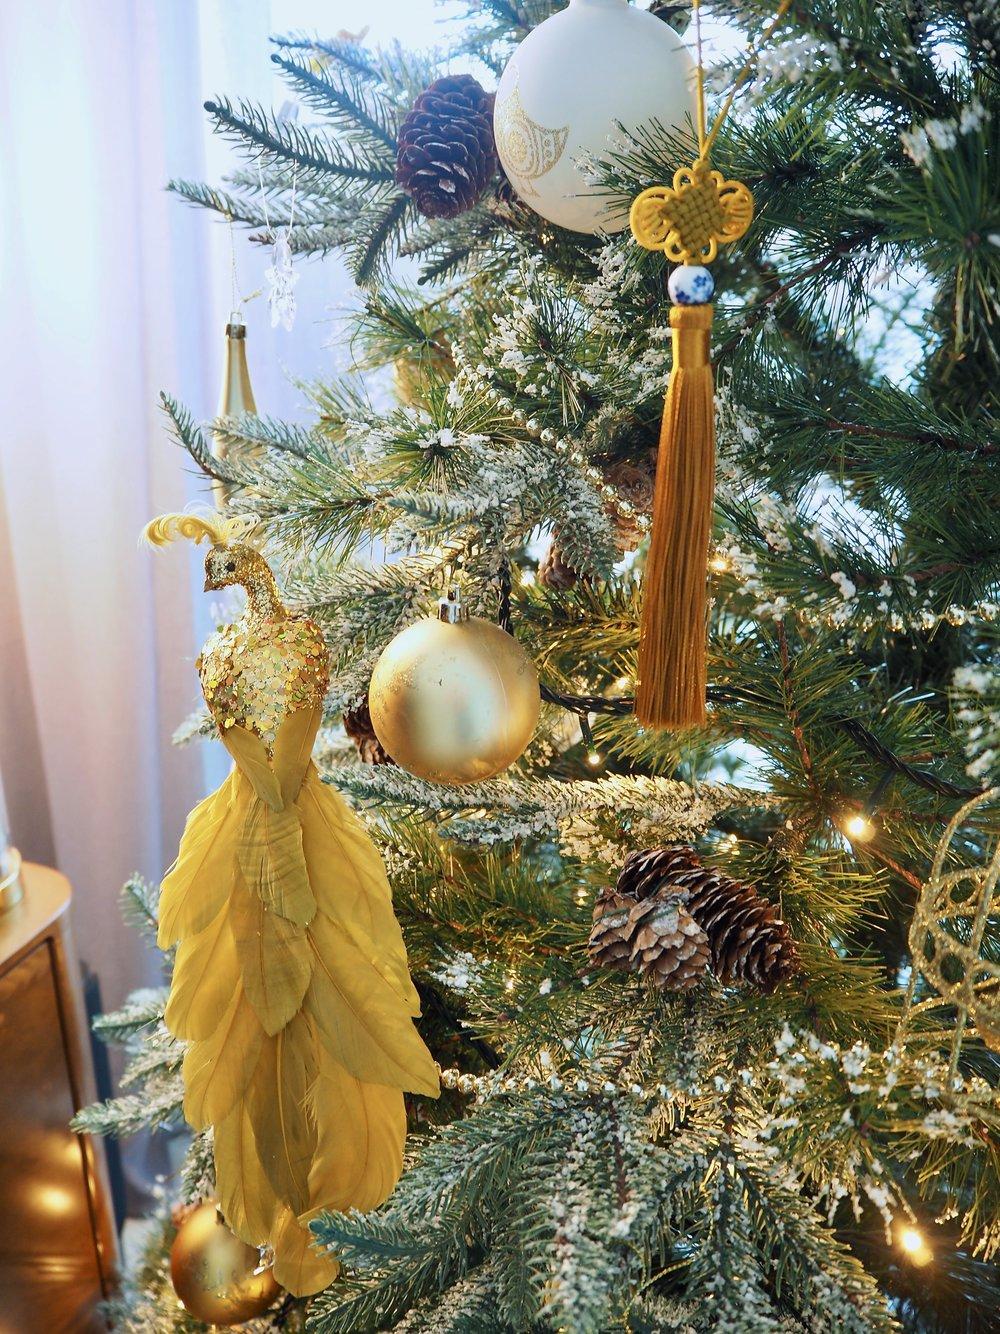 My Alternative Christmas Baubes - modeandmotif.com